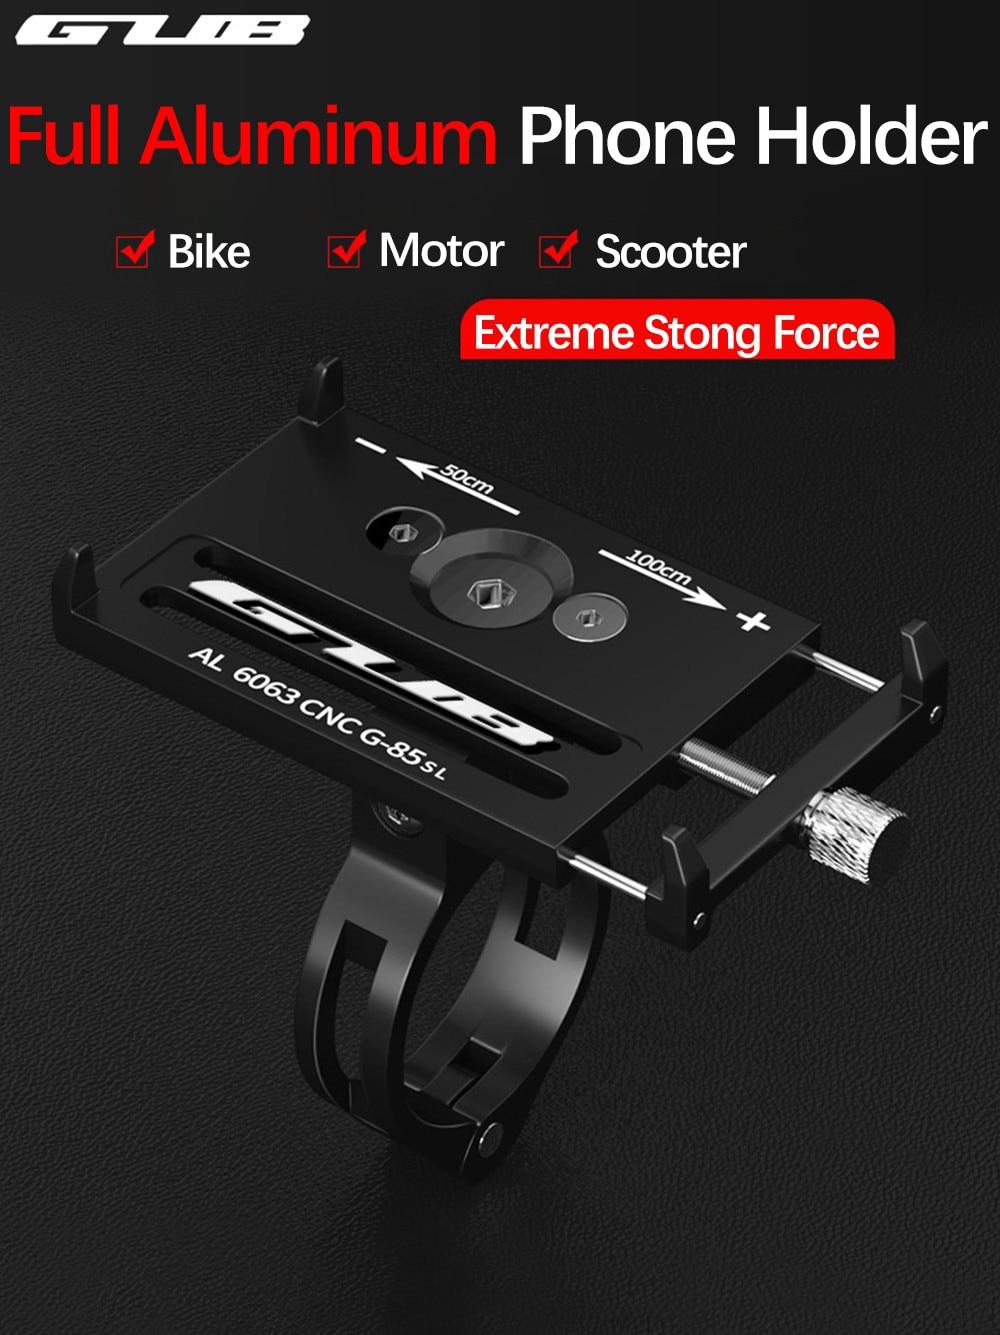 Велосипедный держатель для телефона GUB G85, алюминиевый крепежный кронштейн для смартфона, для samsung, huawei, xiaomi, iphone